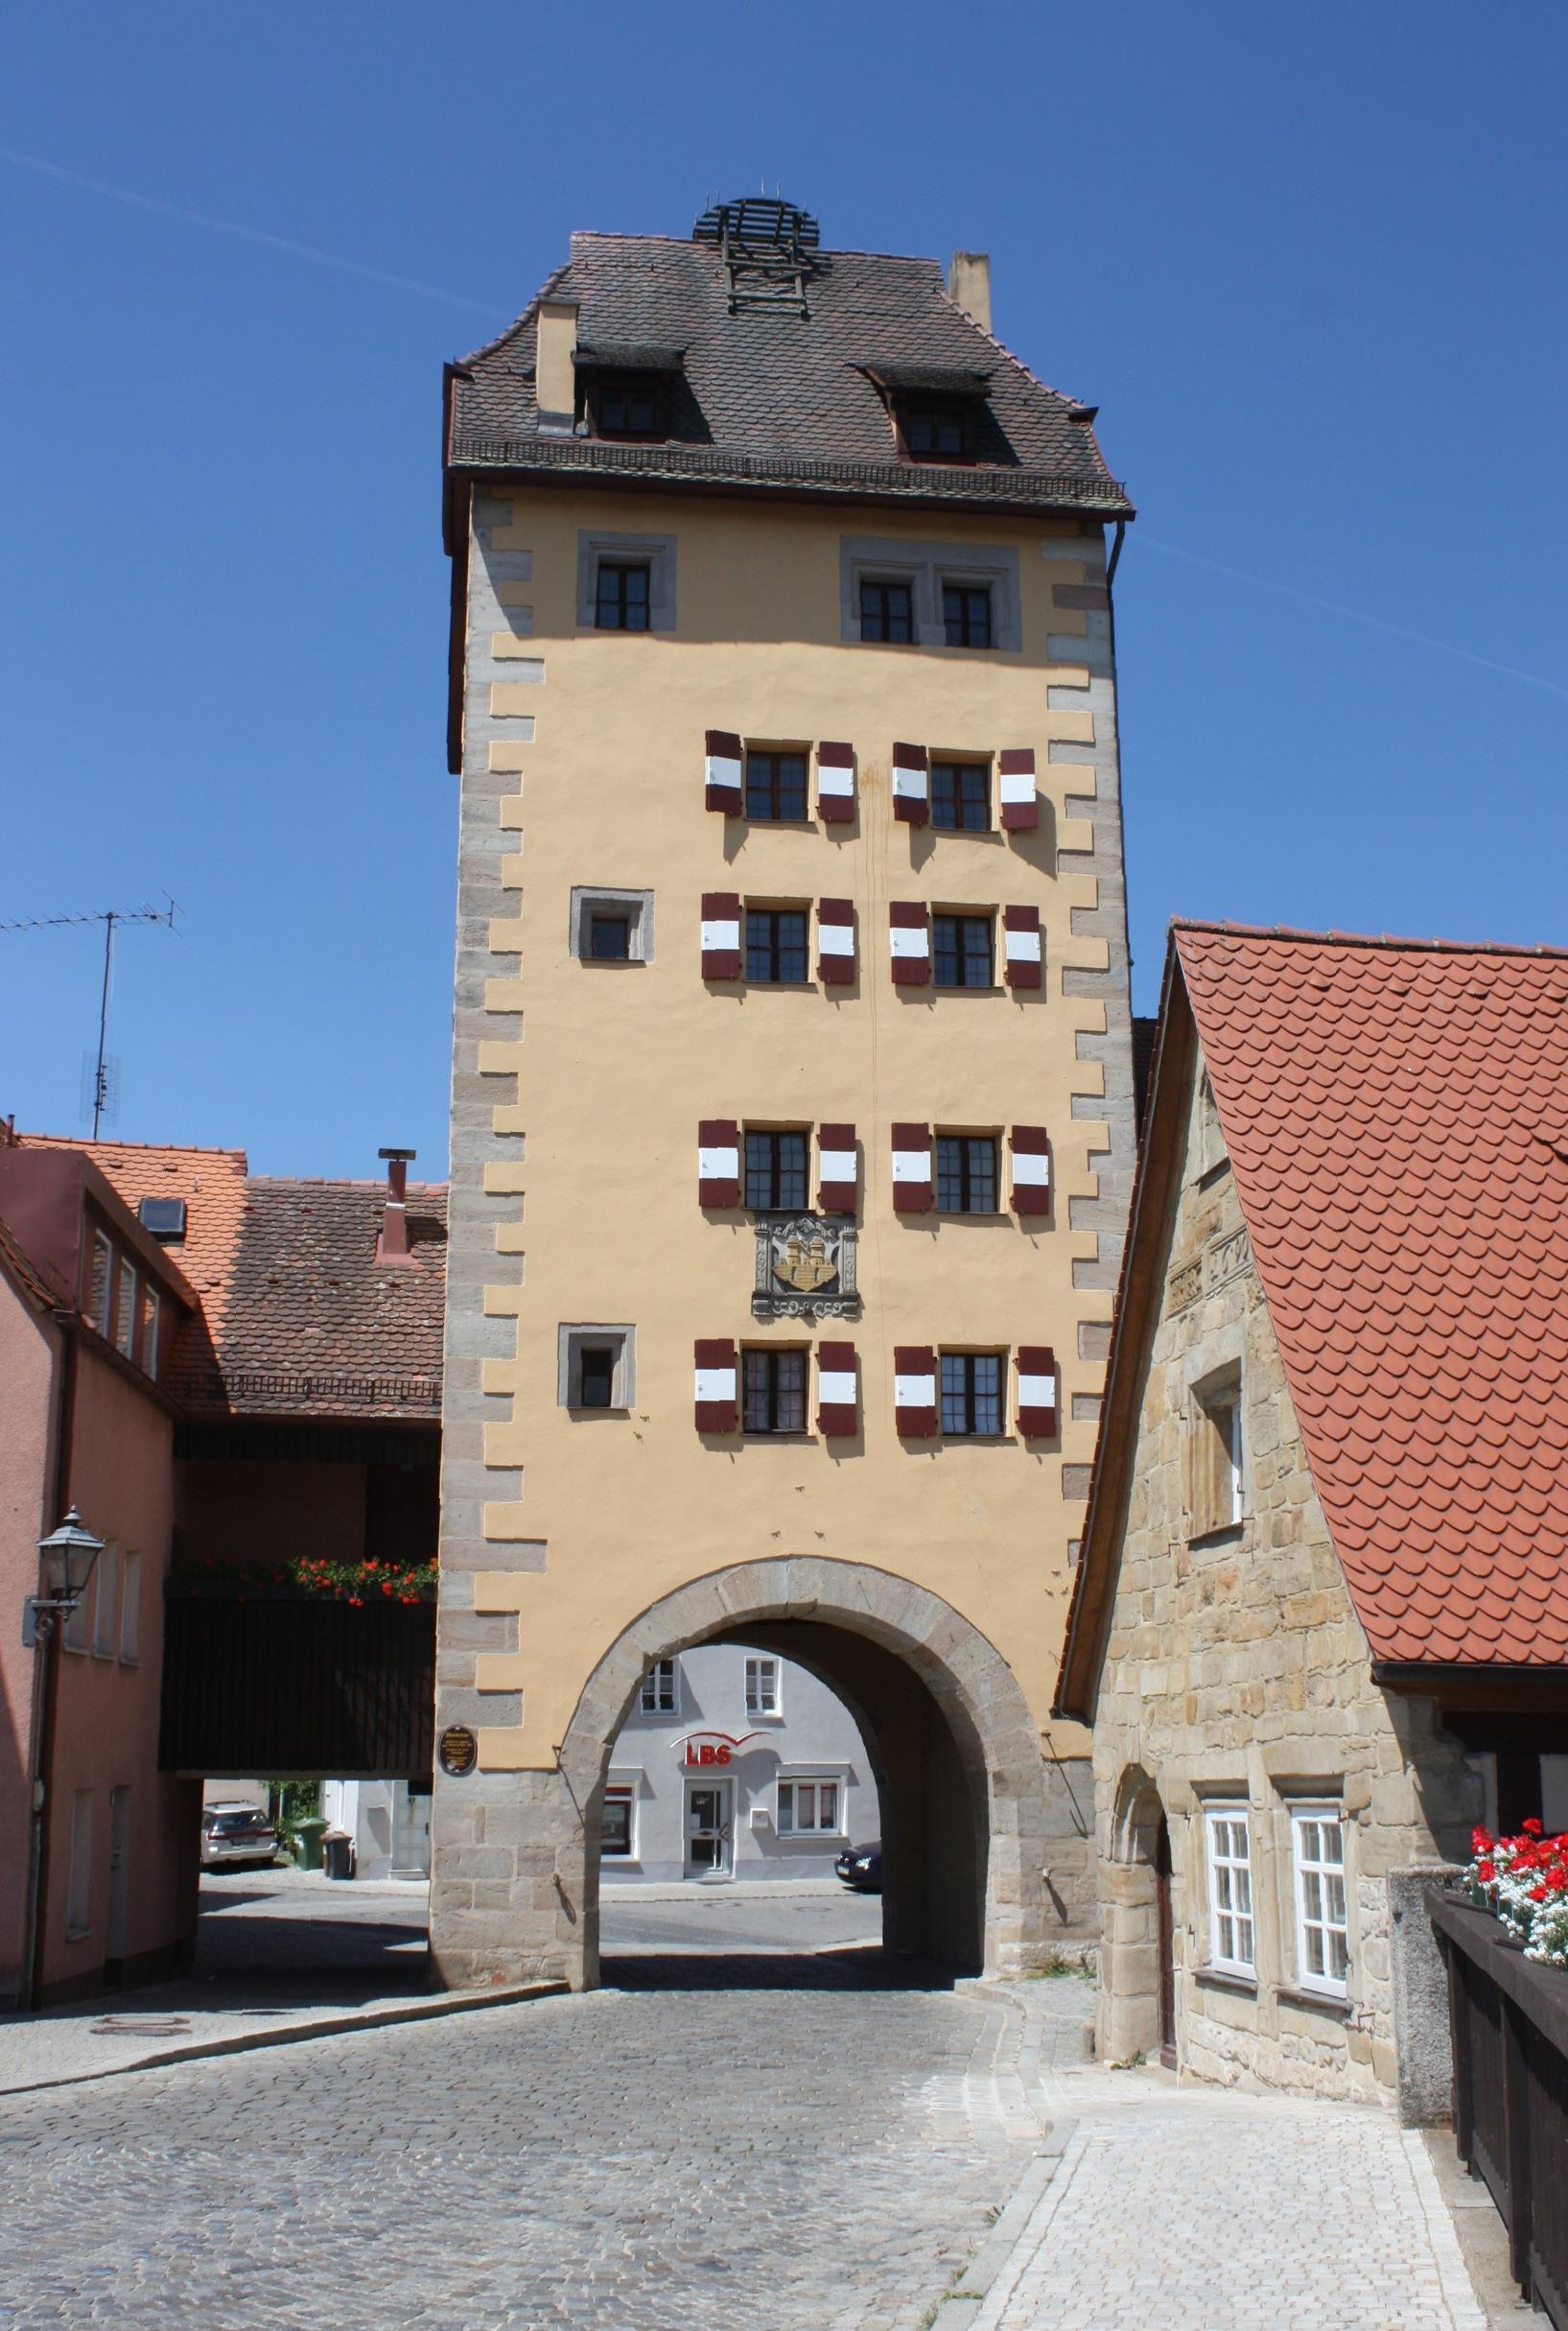 File:Hersbruck, Das Wassertor (Außenseite)